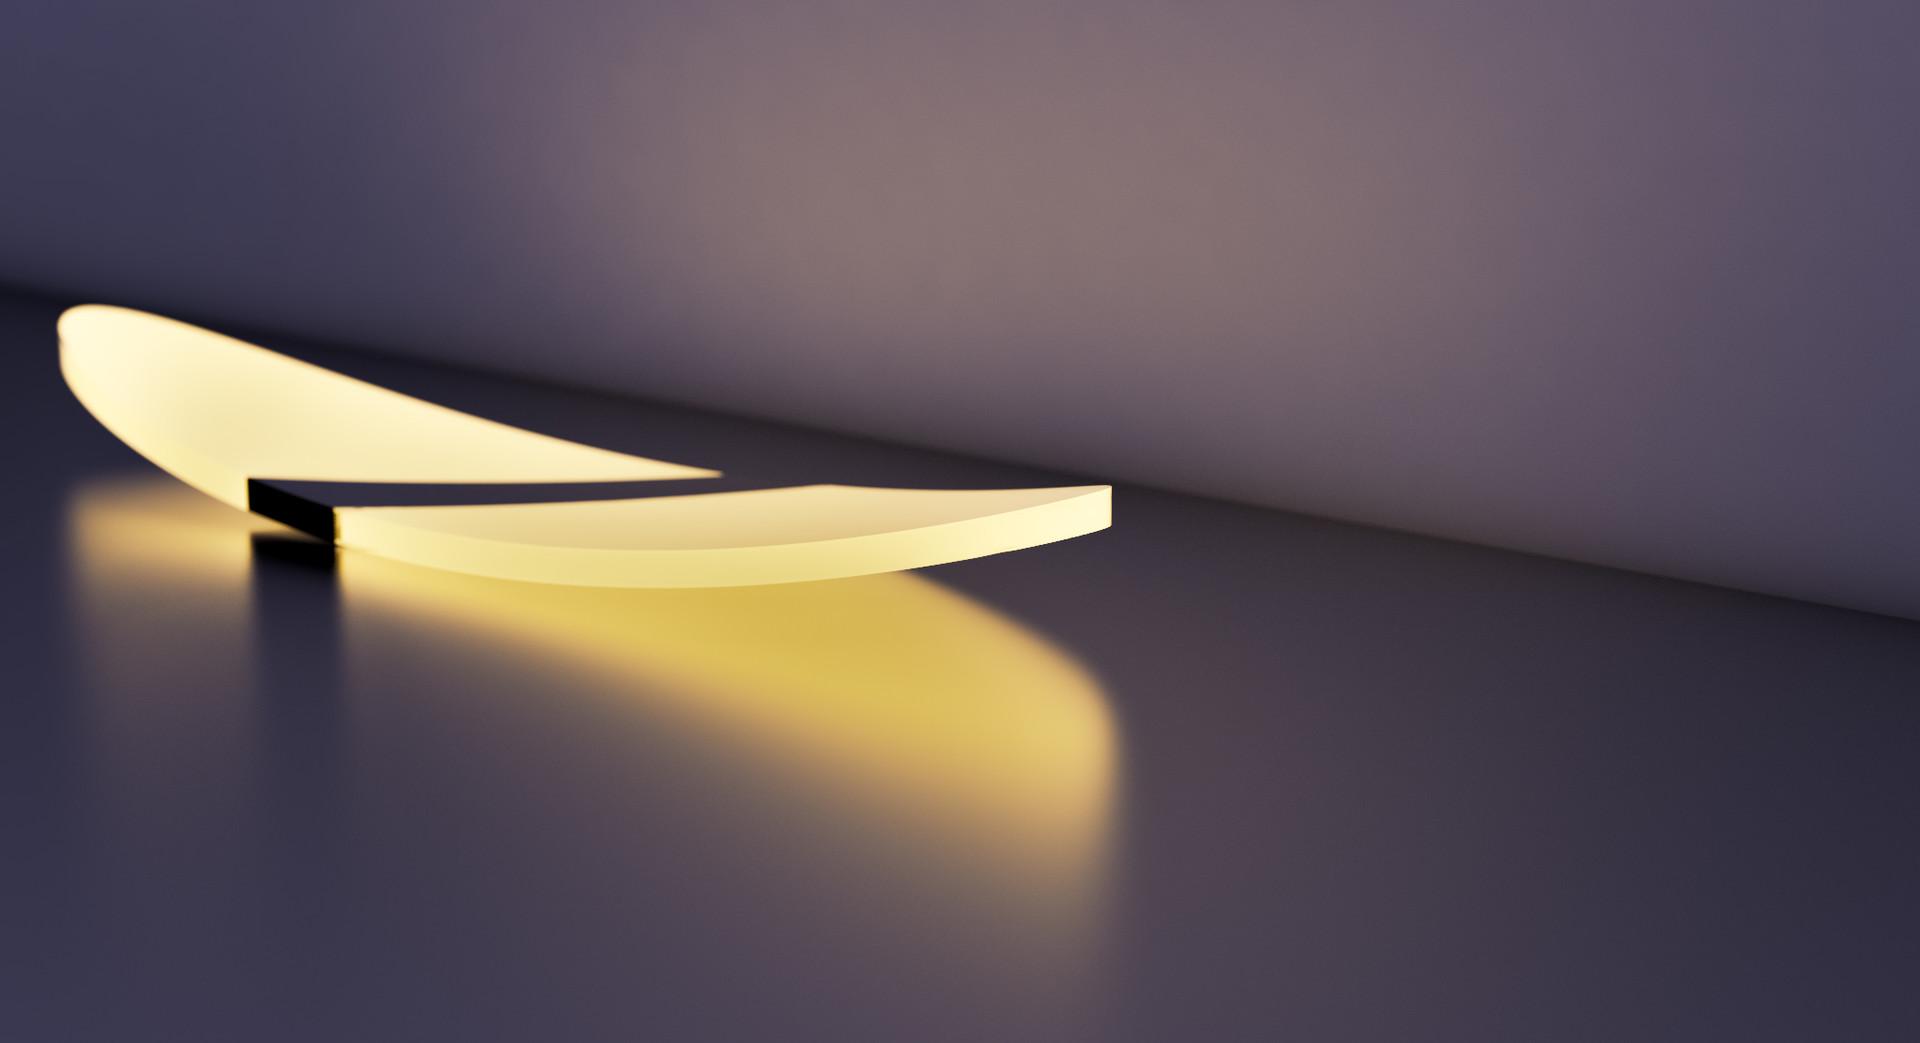 Artstation led lamp design rendering for opple lighting